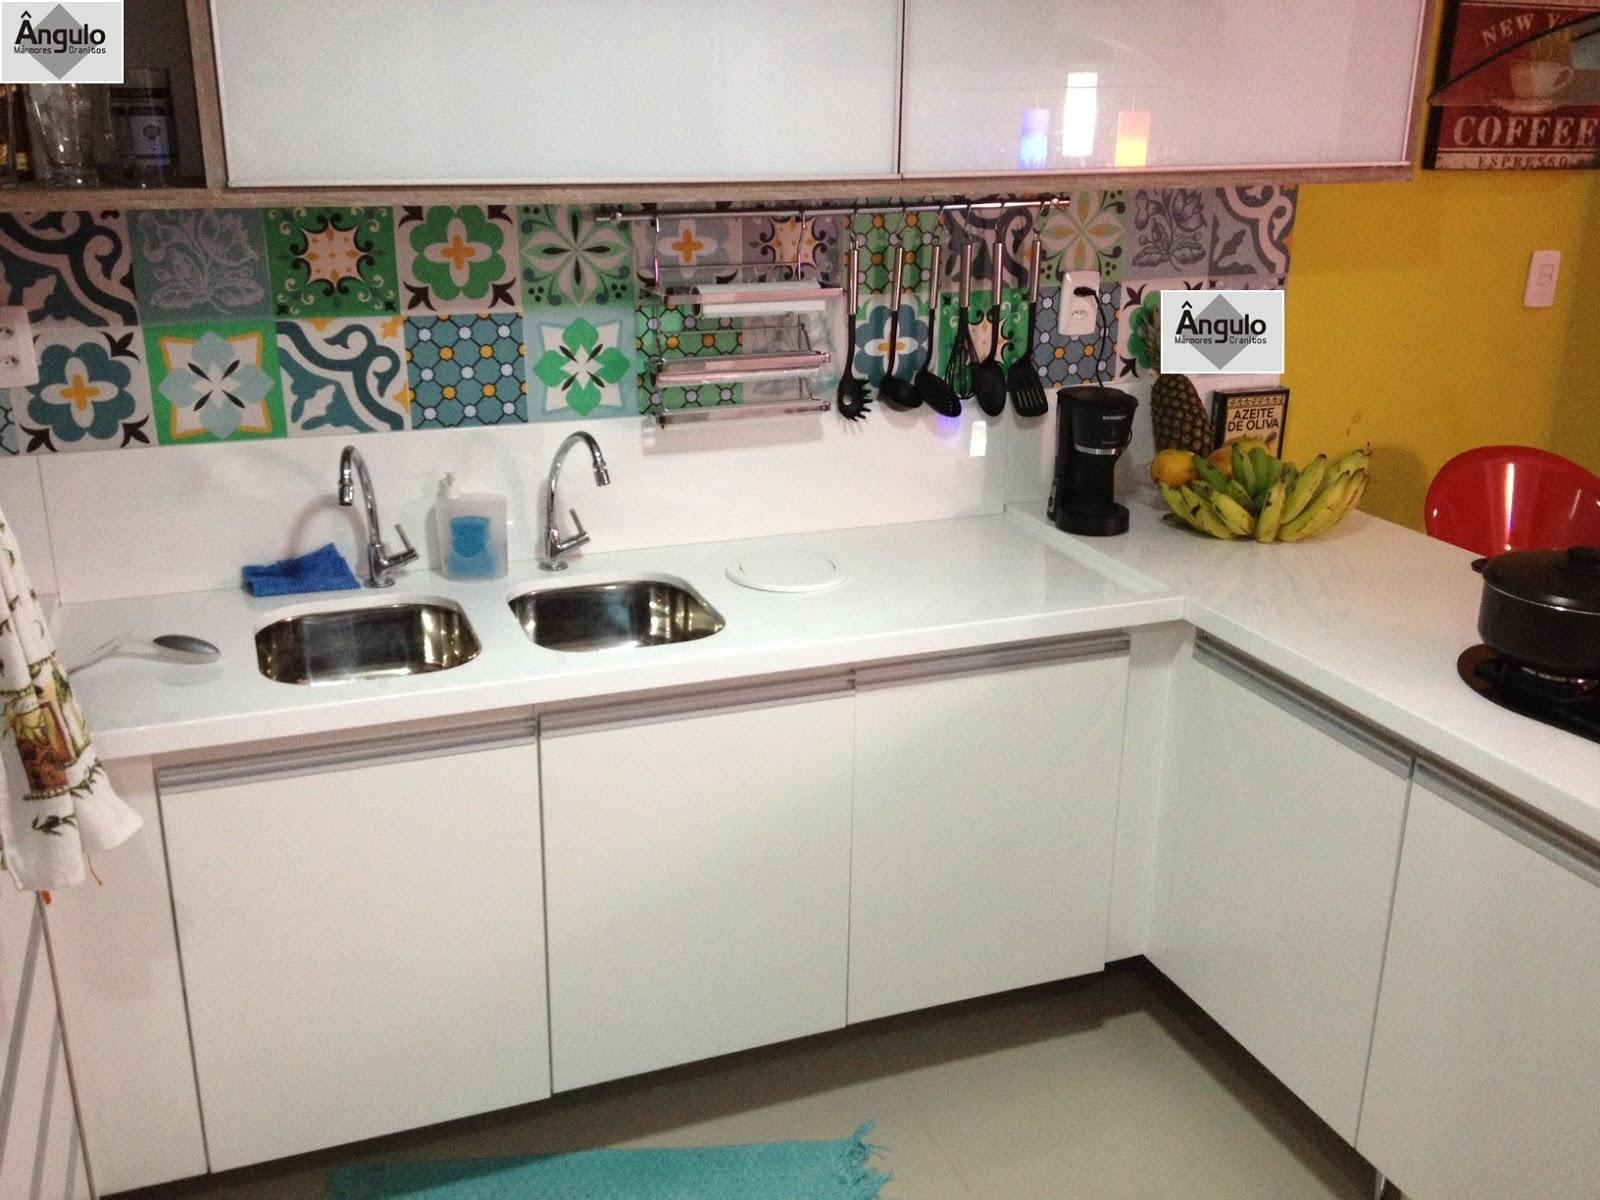 Ângulo Mármores e Granitos Cozinhas # Bancada De Cozinha Com Granito Ouro Brasil